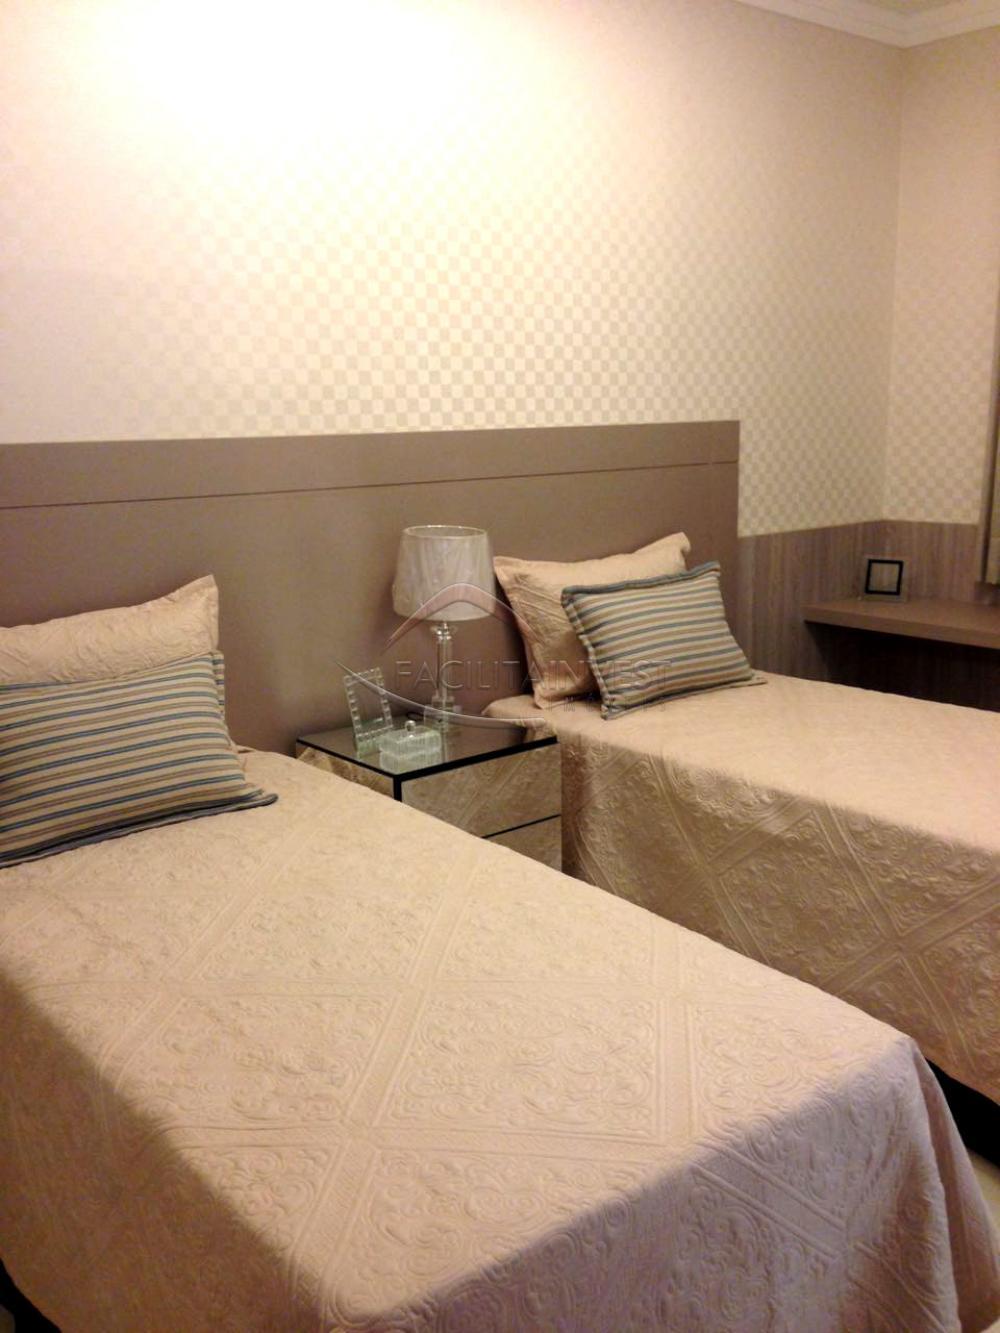 Comprar Lançamentos/ Empreendimentos em Construç / Apartamento padrão - Lançamento em Ribeirão Preto apenas R$ 950.567,00 - Foto 7